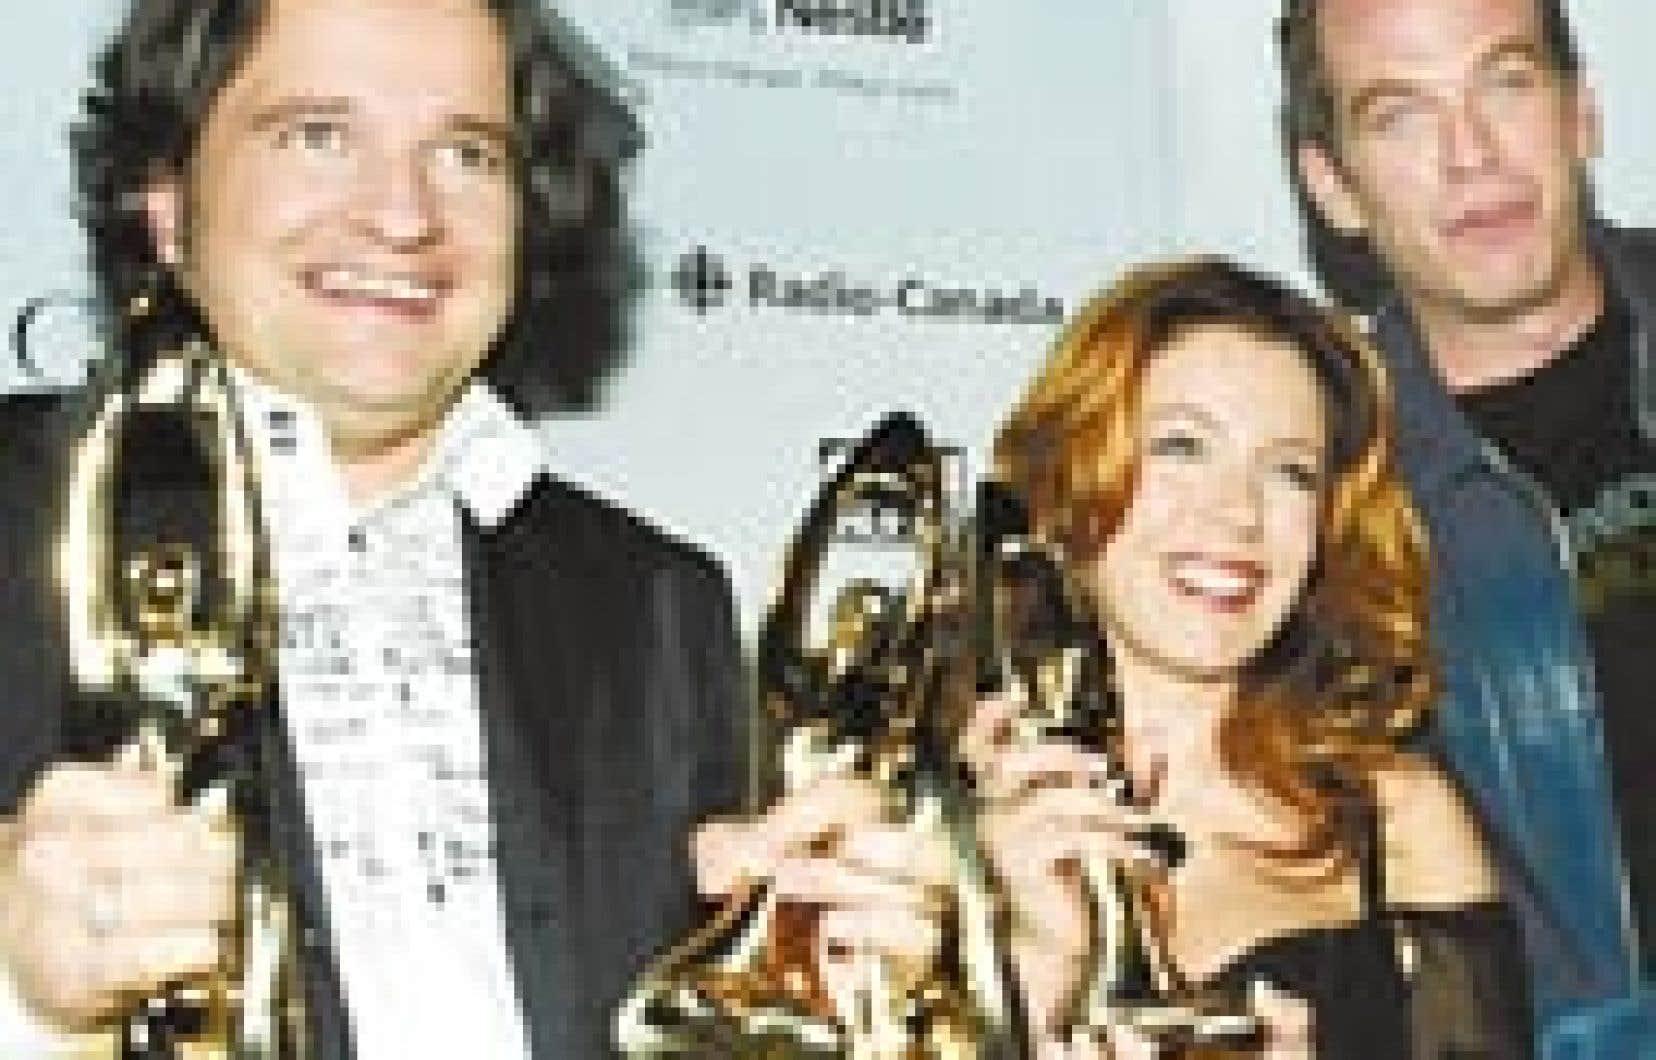 Daniel Bélanger (à gauche) et Garou, co-lauréats du Félix de l'«interprète masculin de l'année», en compagnie de la chanteuse Isabelle Boulay, qui a remporté le Félix de l'«interprète féminine de l'année» lors du 24e gala de l'AD